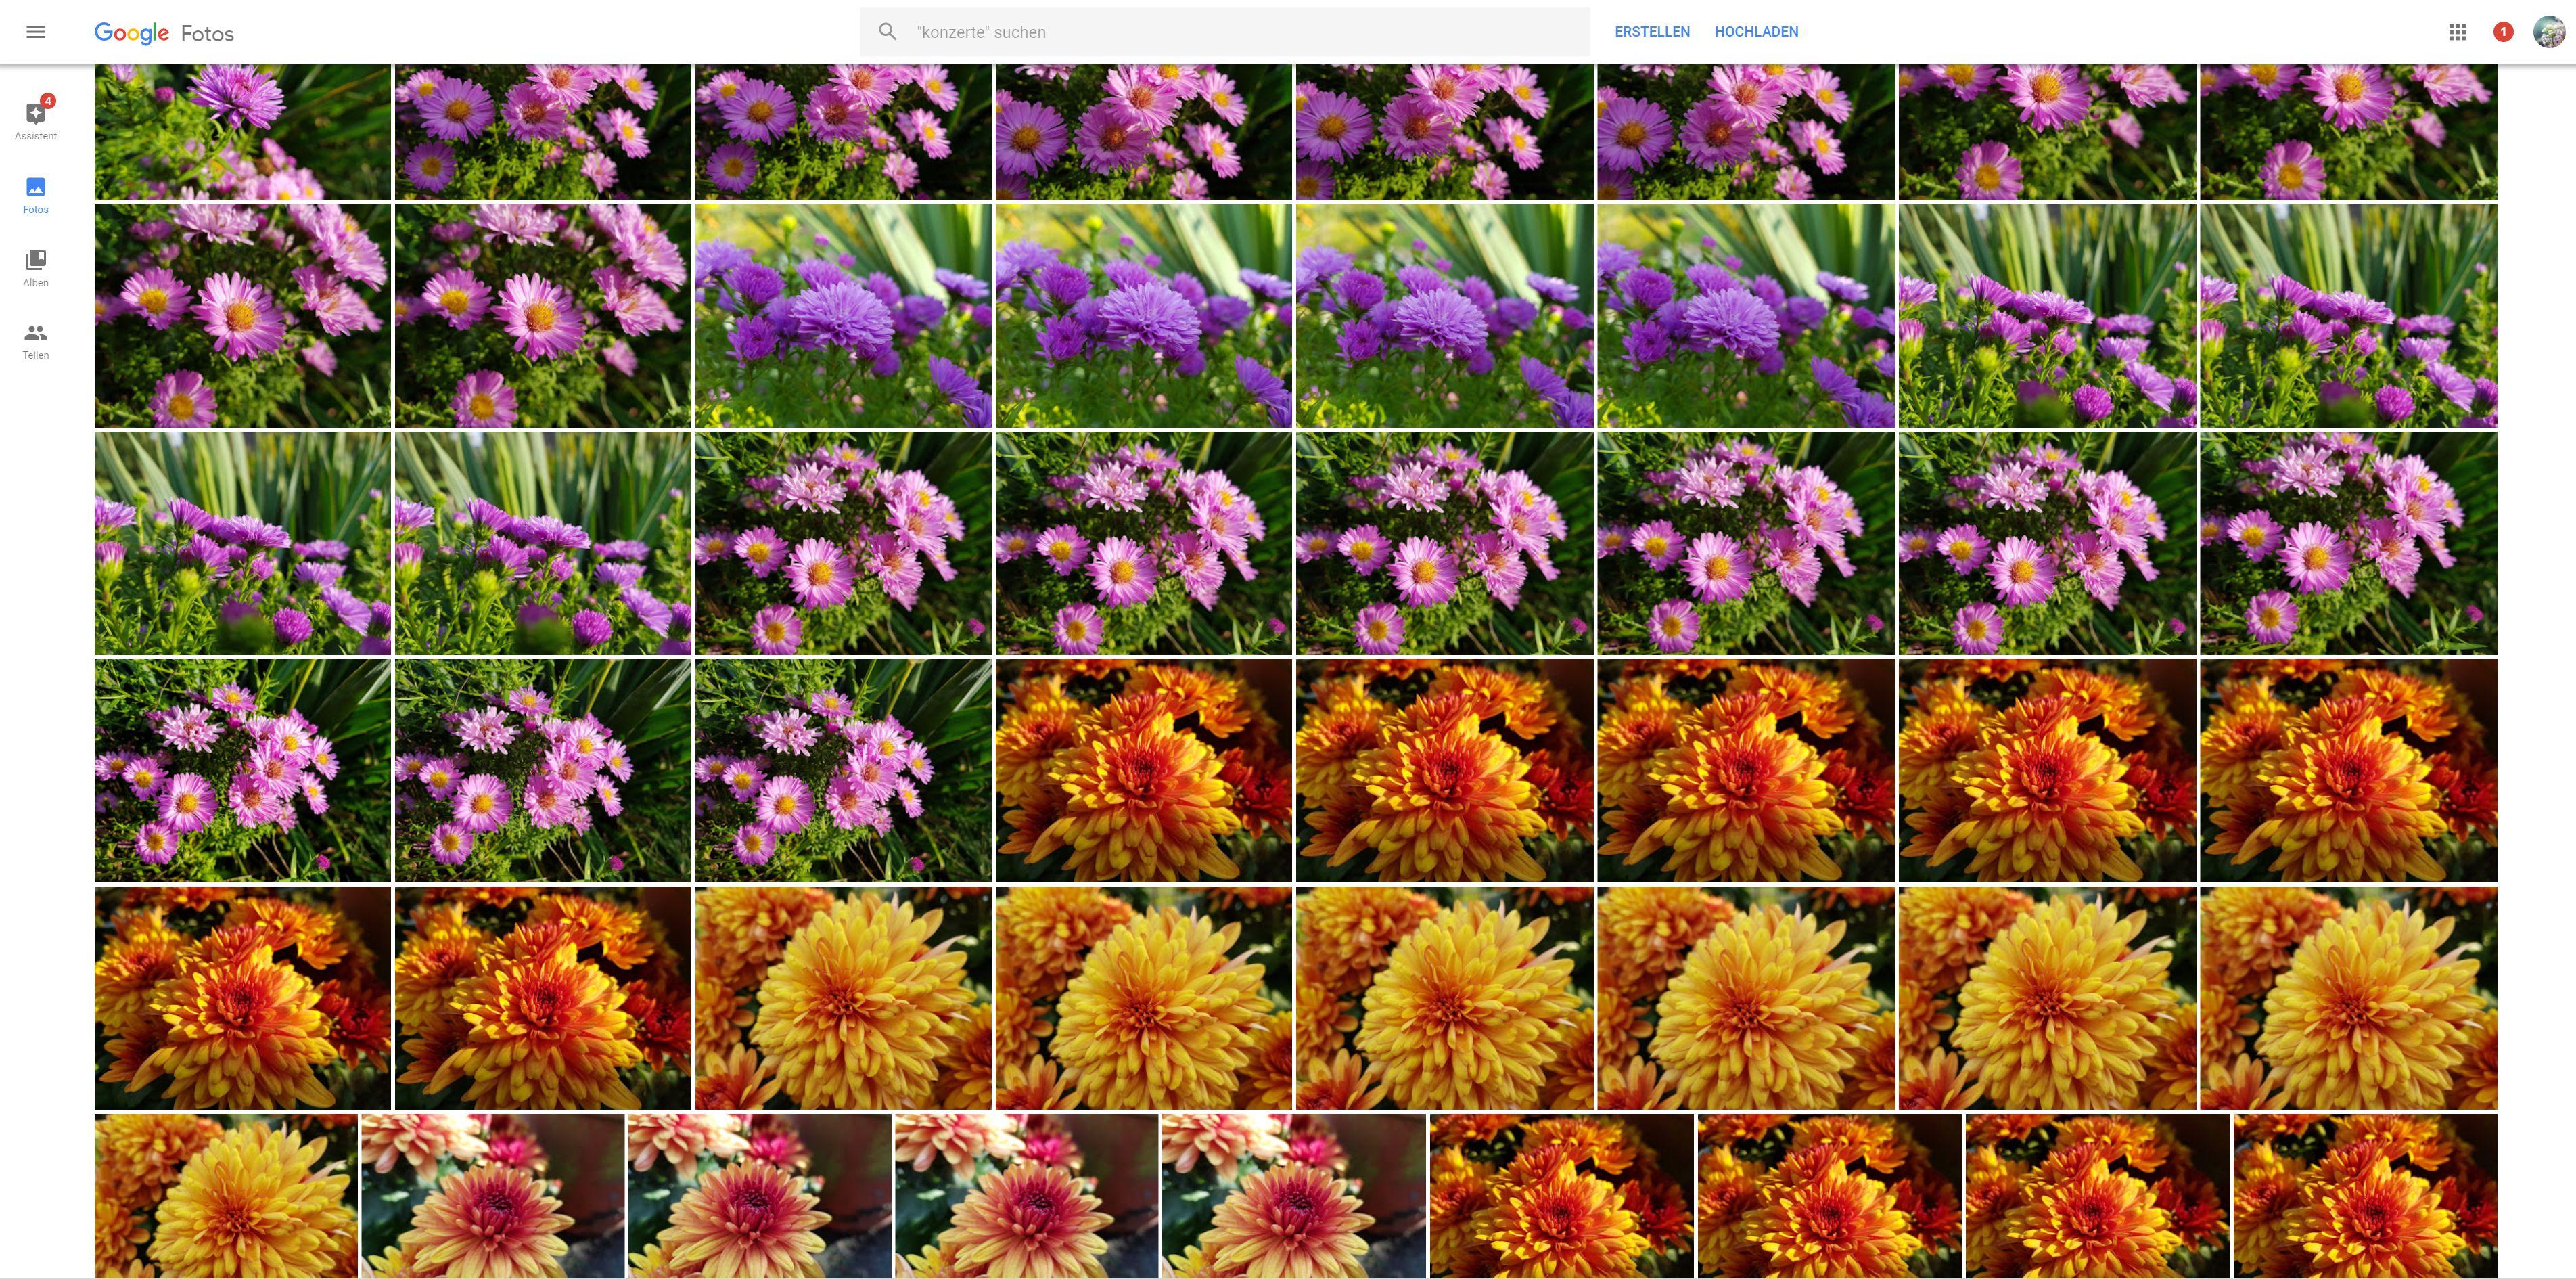 Suchen handy google bilder hochladen Mit einem